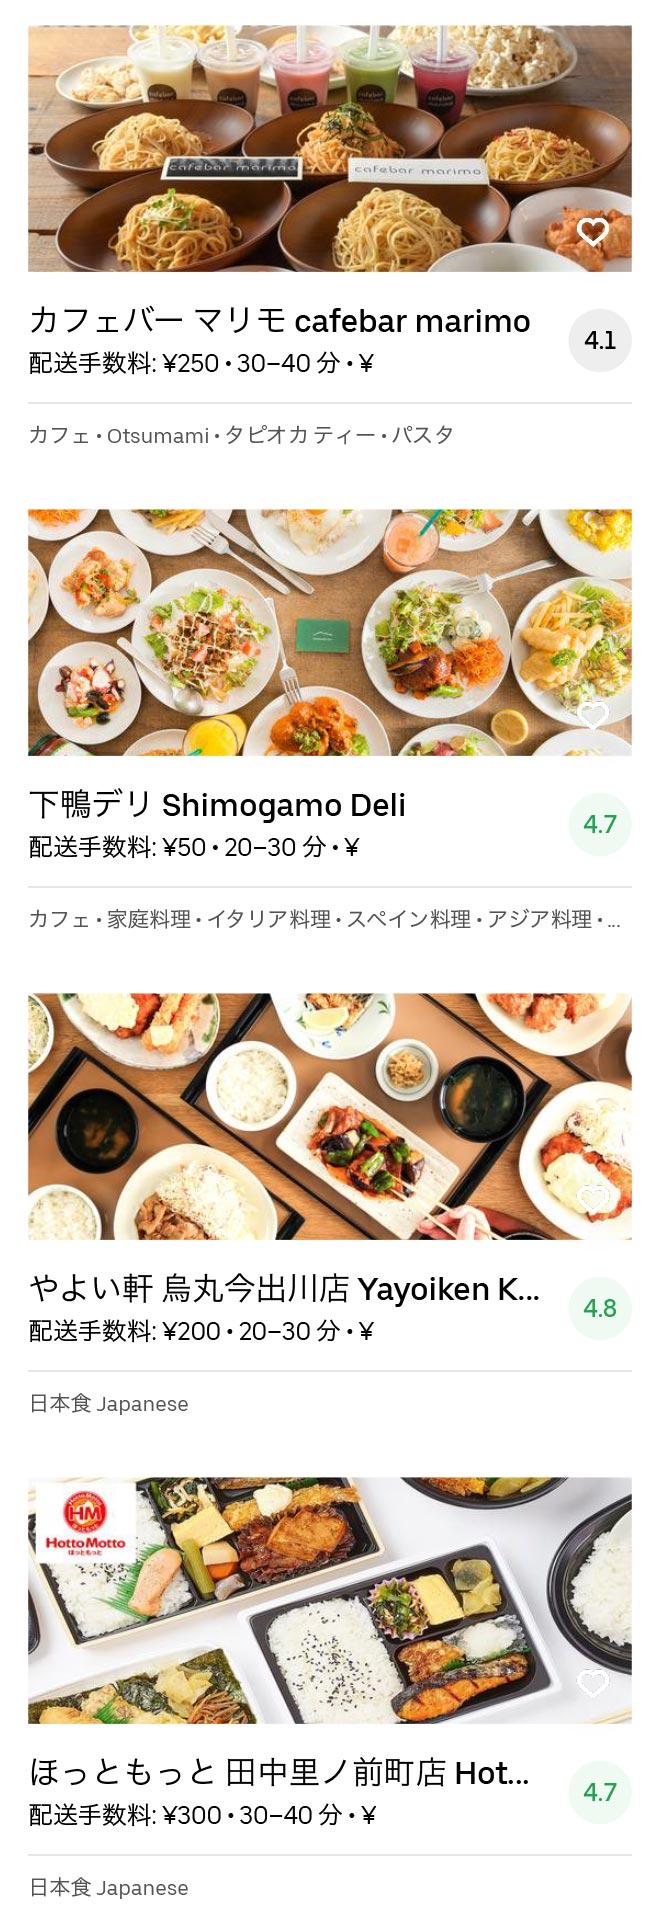 Kyoto kitaoji menu 2005 10